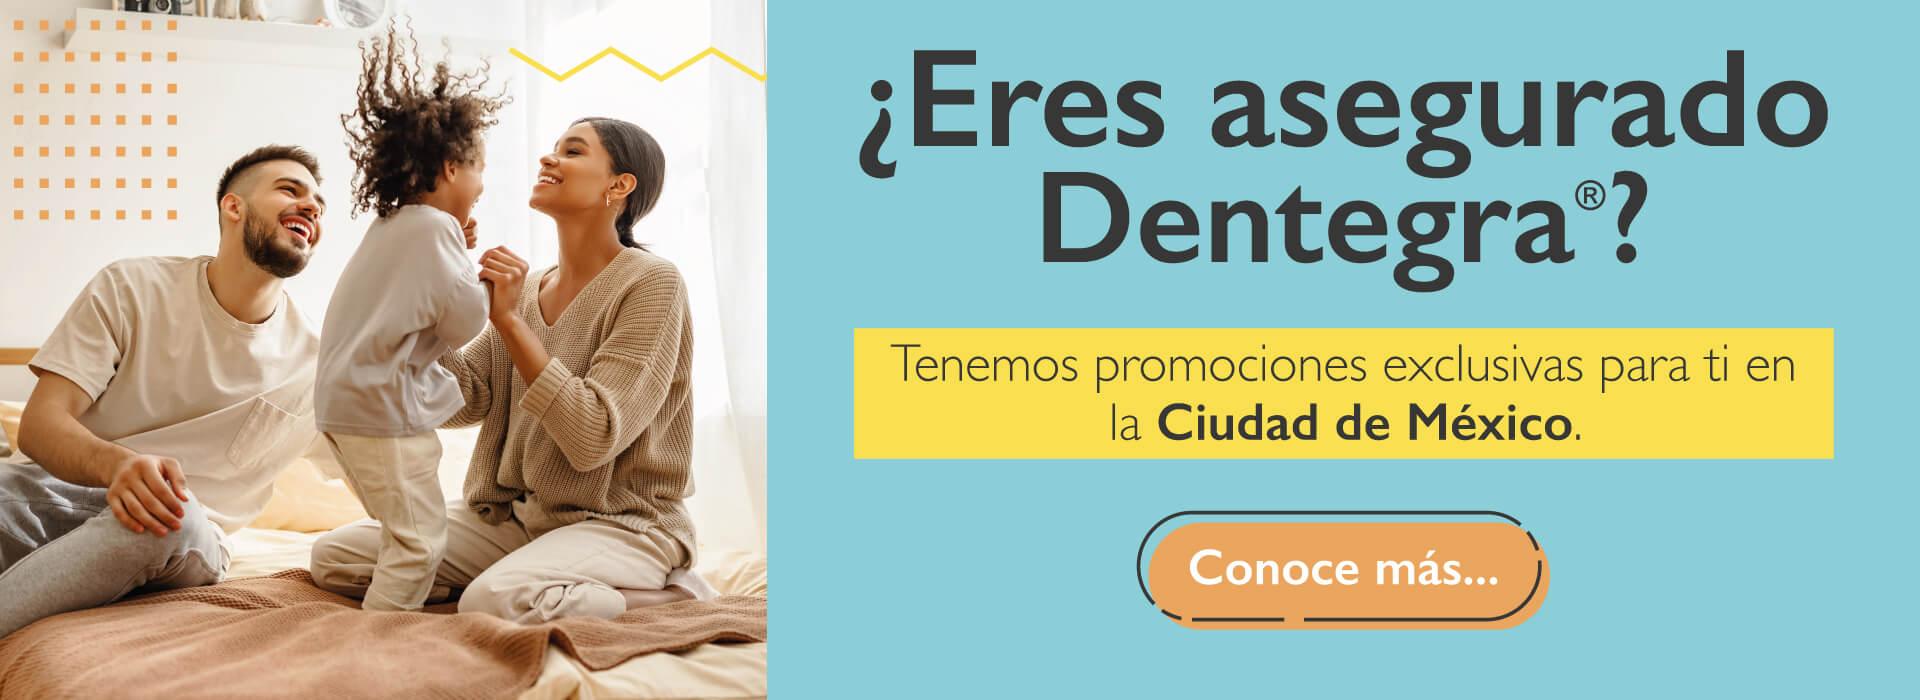 ¿Eres asegurado Dentegra®? Tenemos promociones exclusivas para ti en Ciudad de México.